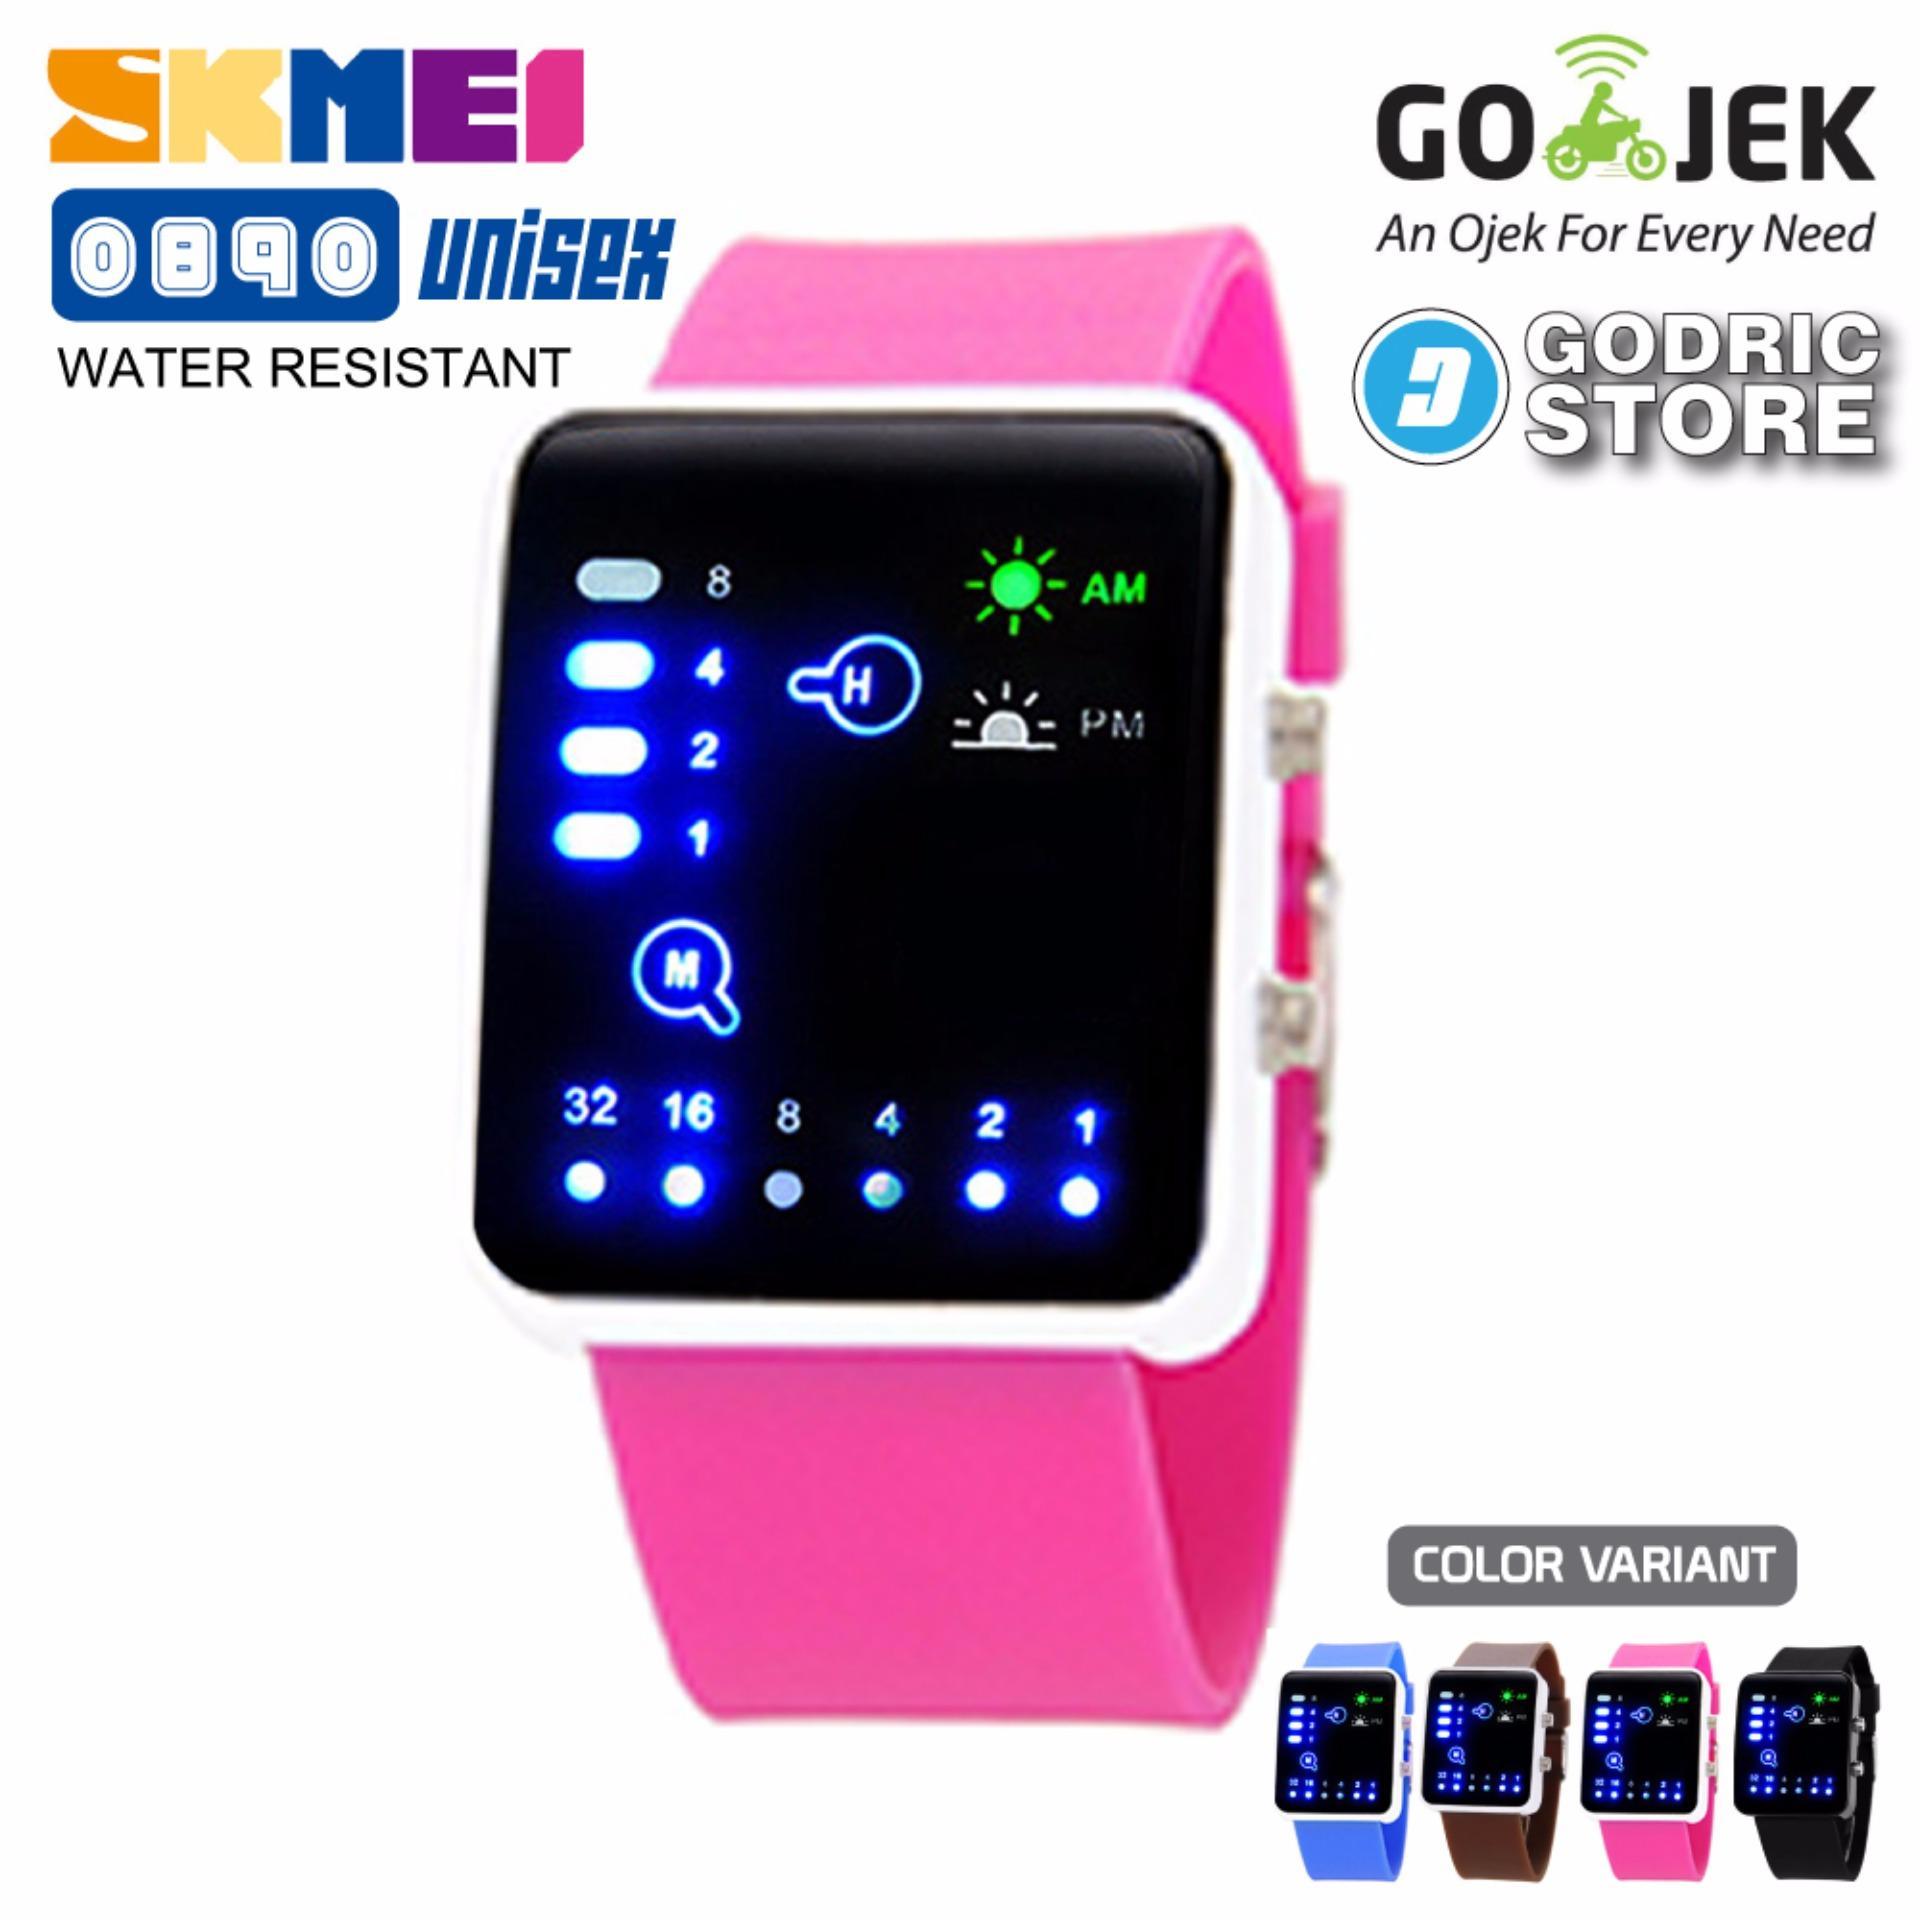 skmei-jam-tangan-trendy-pria-cowok-wanita-cewek-stylish-casio-leddigital-water-resistant-0890-0890f-original-pink-1499255549-72757392- ...